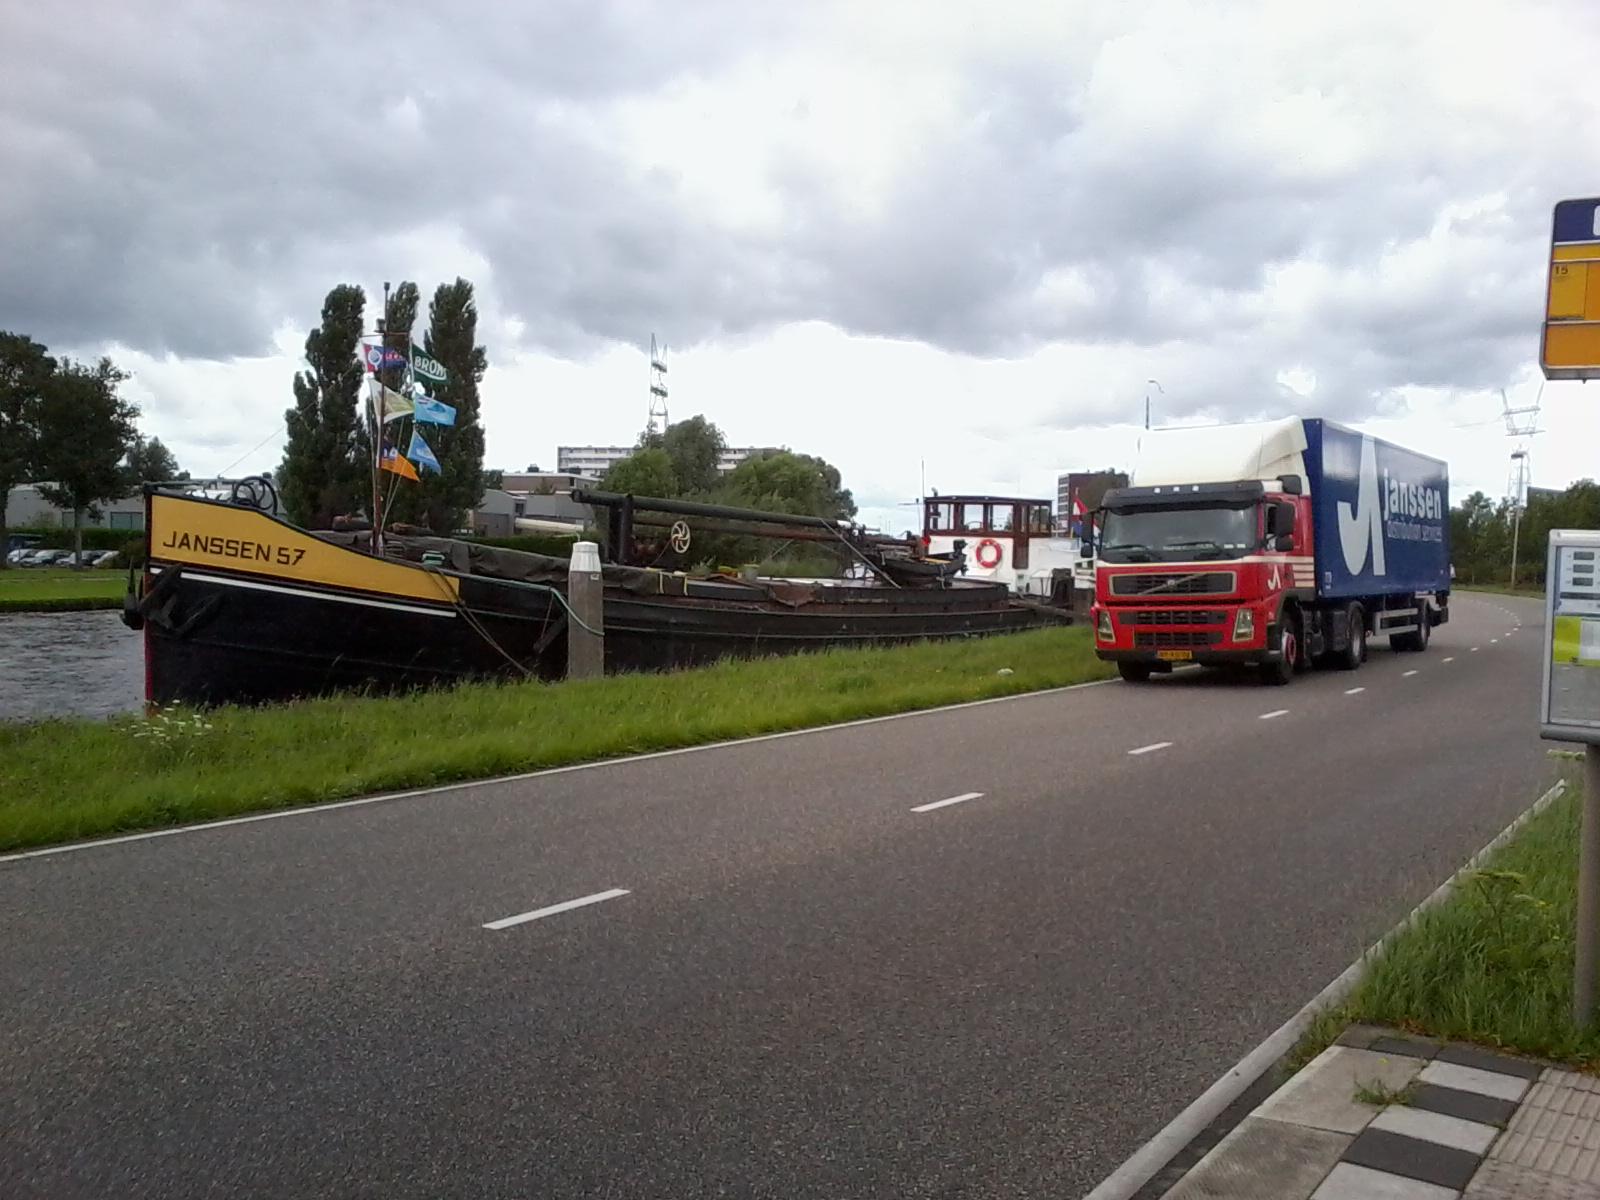 met-de-laatste-Janssen-boot-op-de-foto